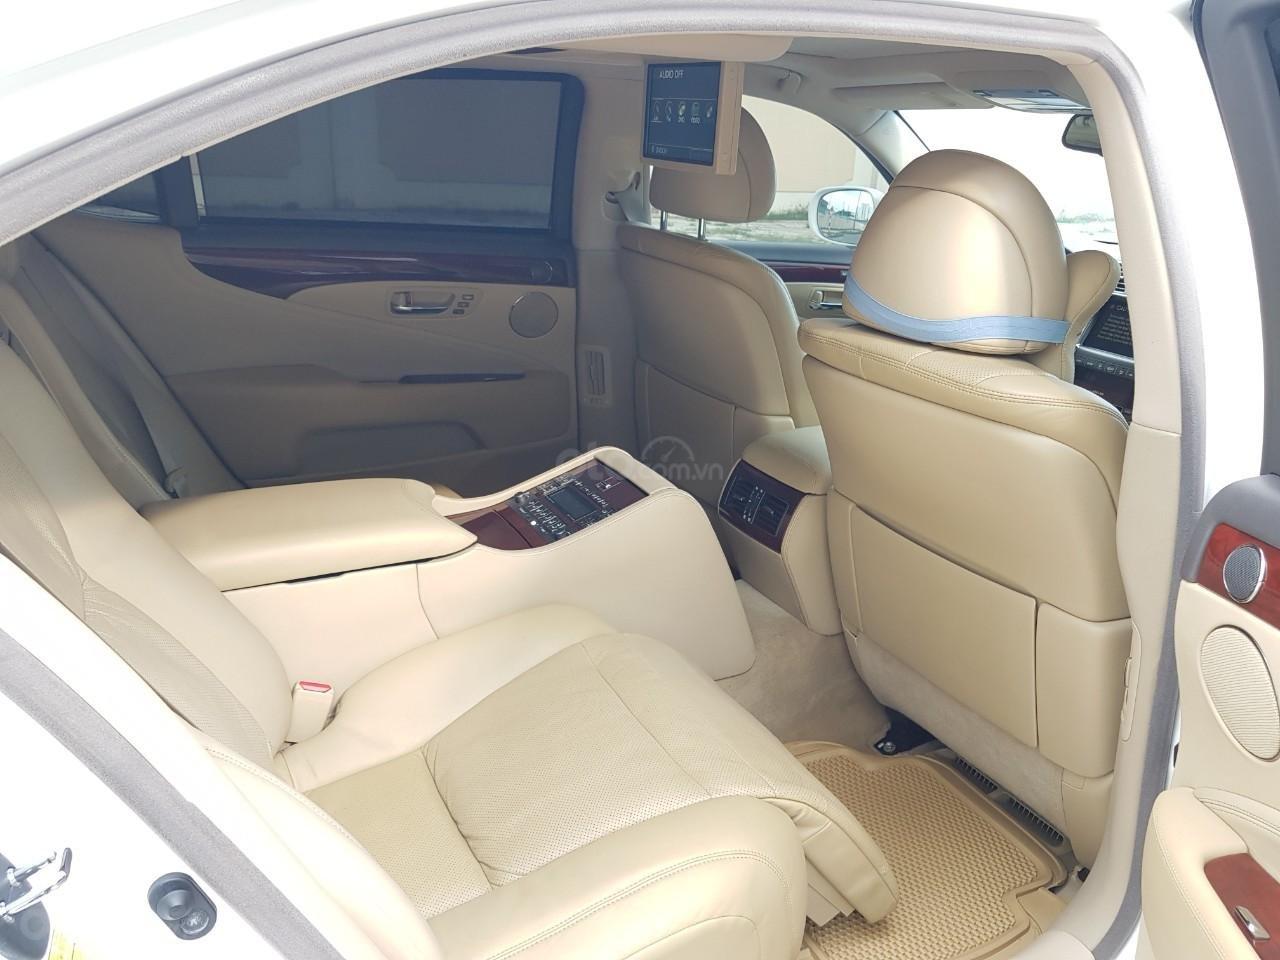 Bán xe Lexus LS 460L đời 2007, xe biển SG đẹp, màu trắng (11)